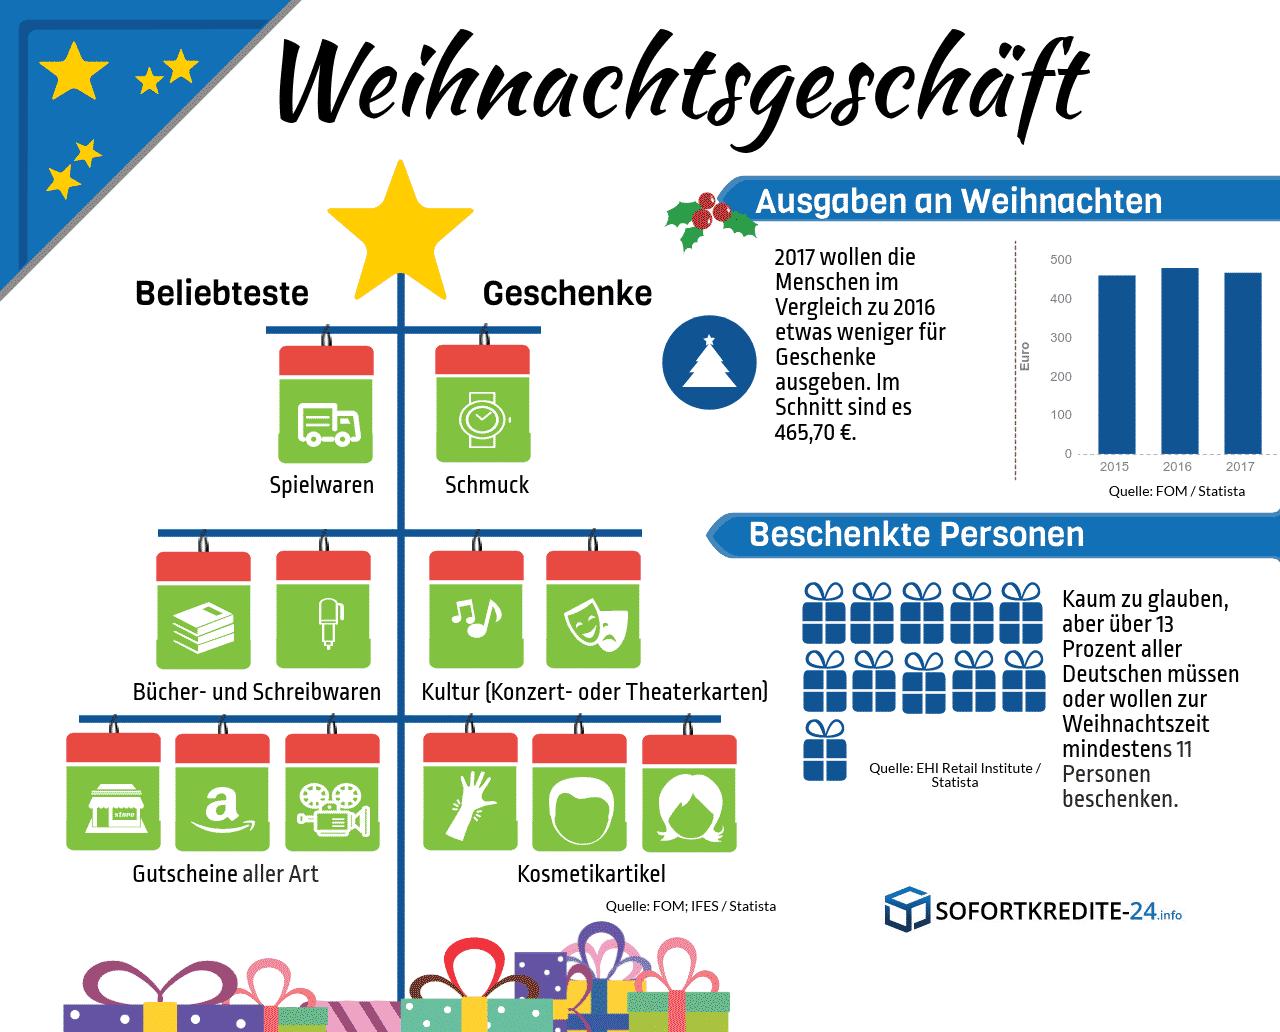 Ausgaben an Weihnachten – So viel geben die Deutschen für Geschenke ...